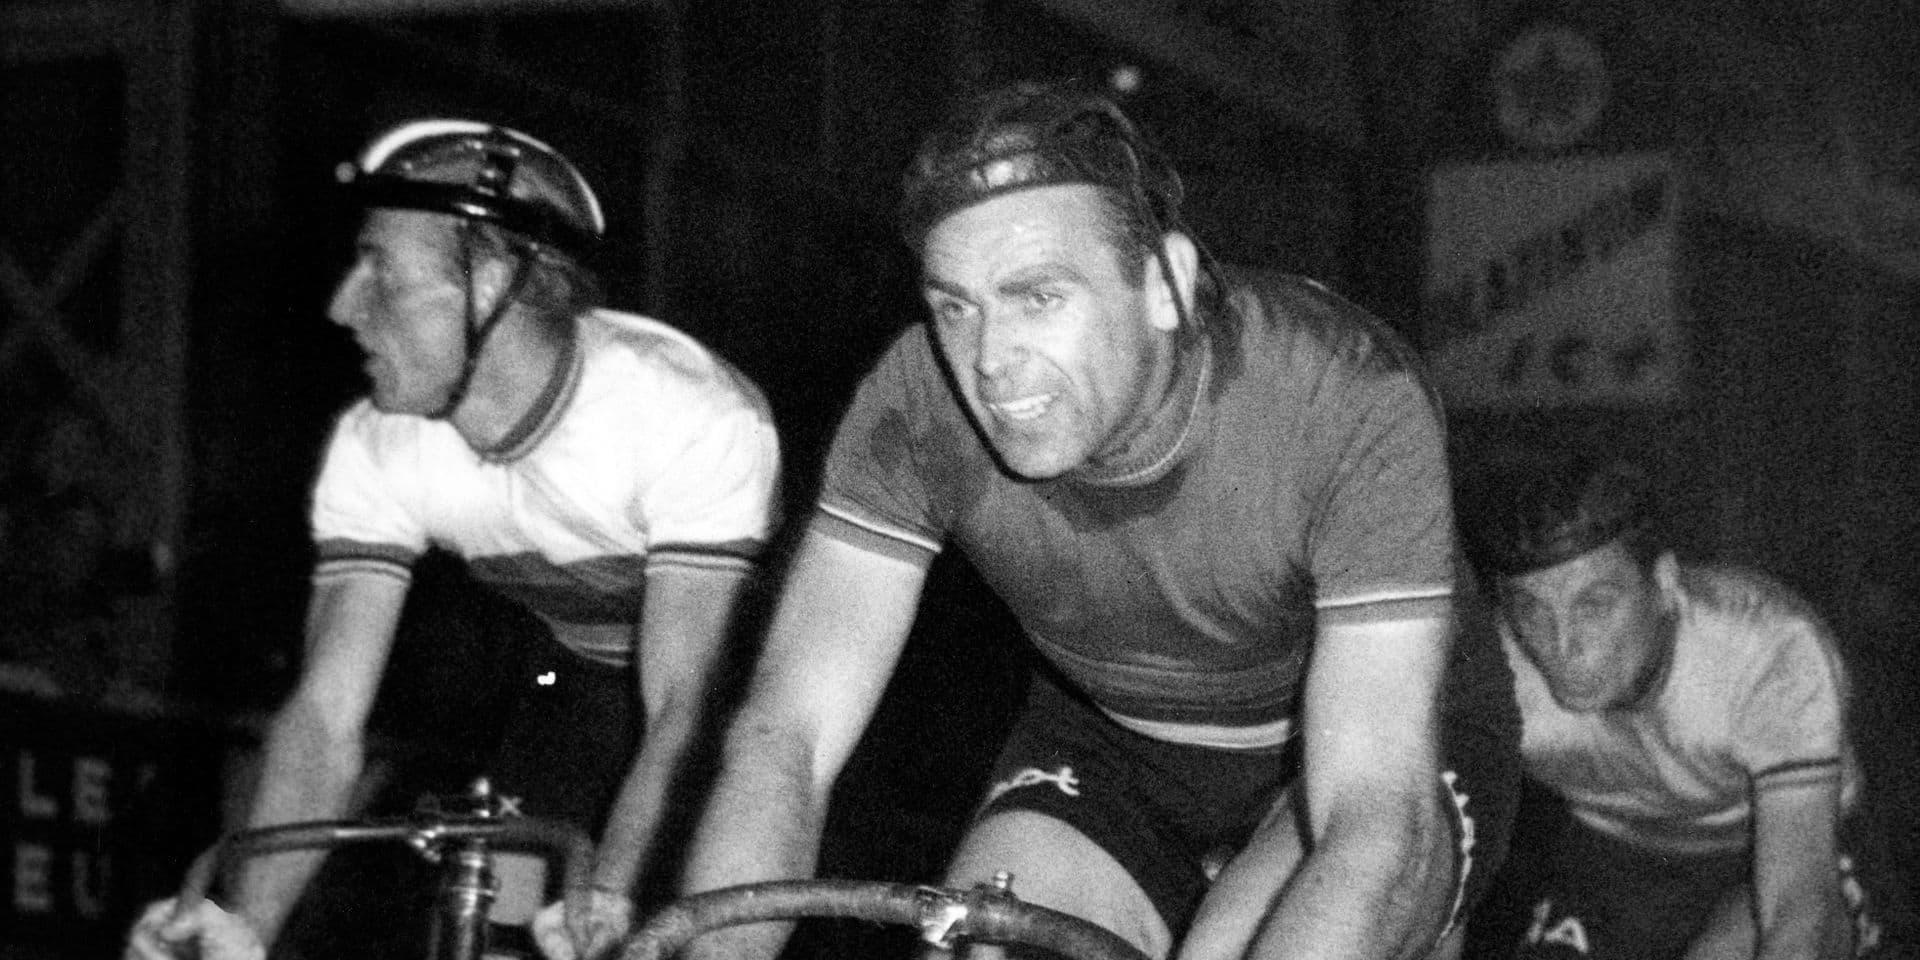 Décès à 87 ans de l'ancien coureur Roger Baens, ex-équipier de Rik Van Looy